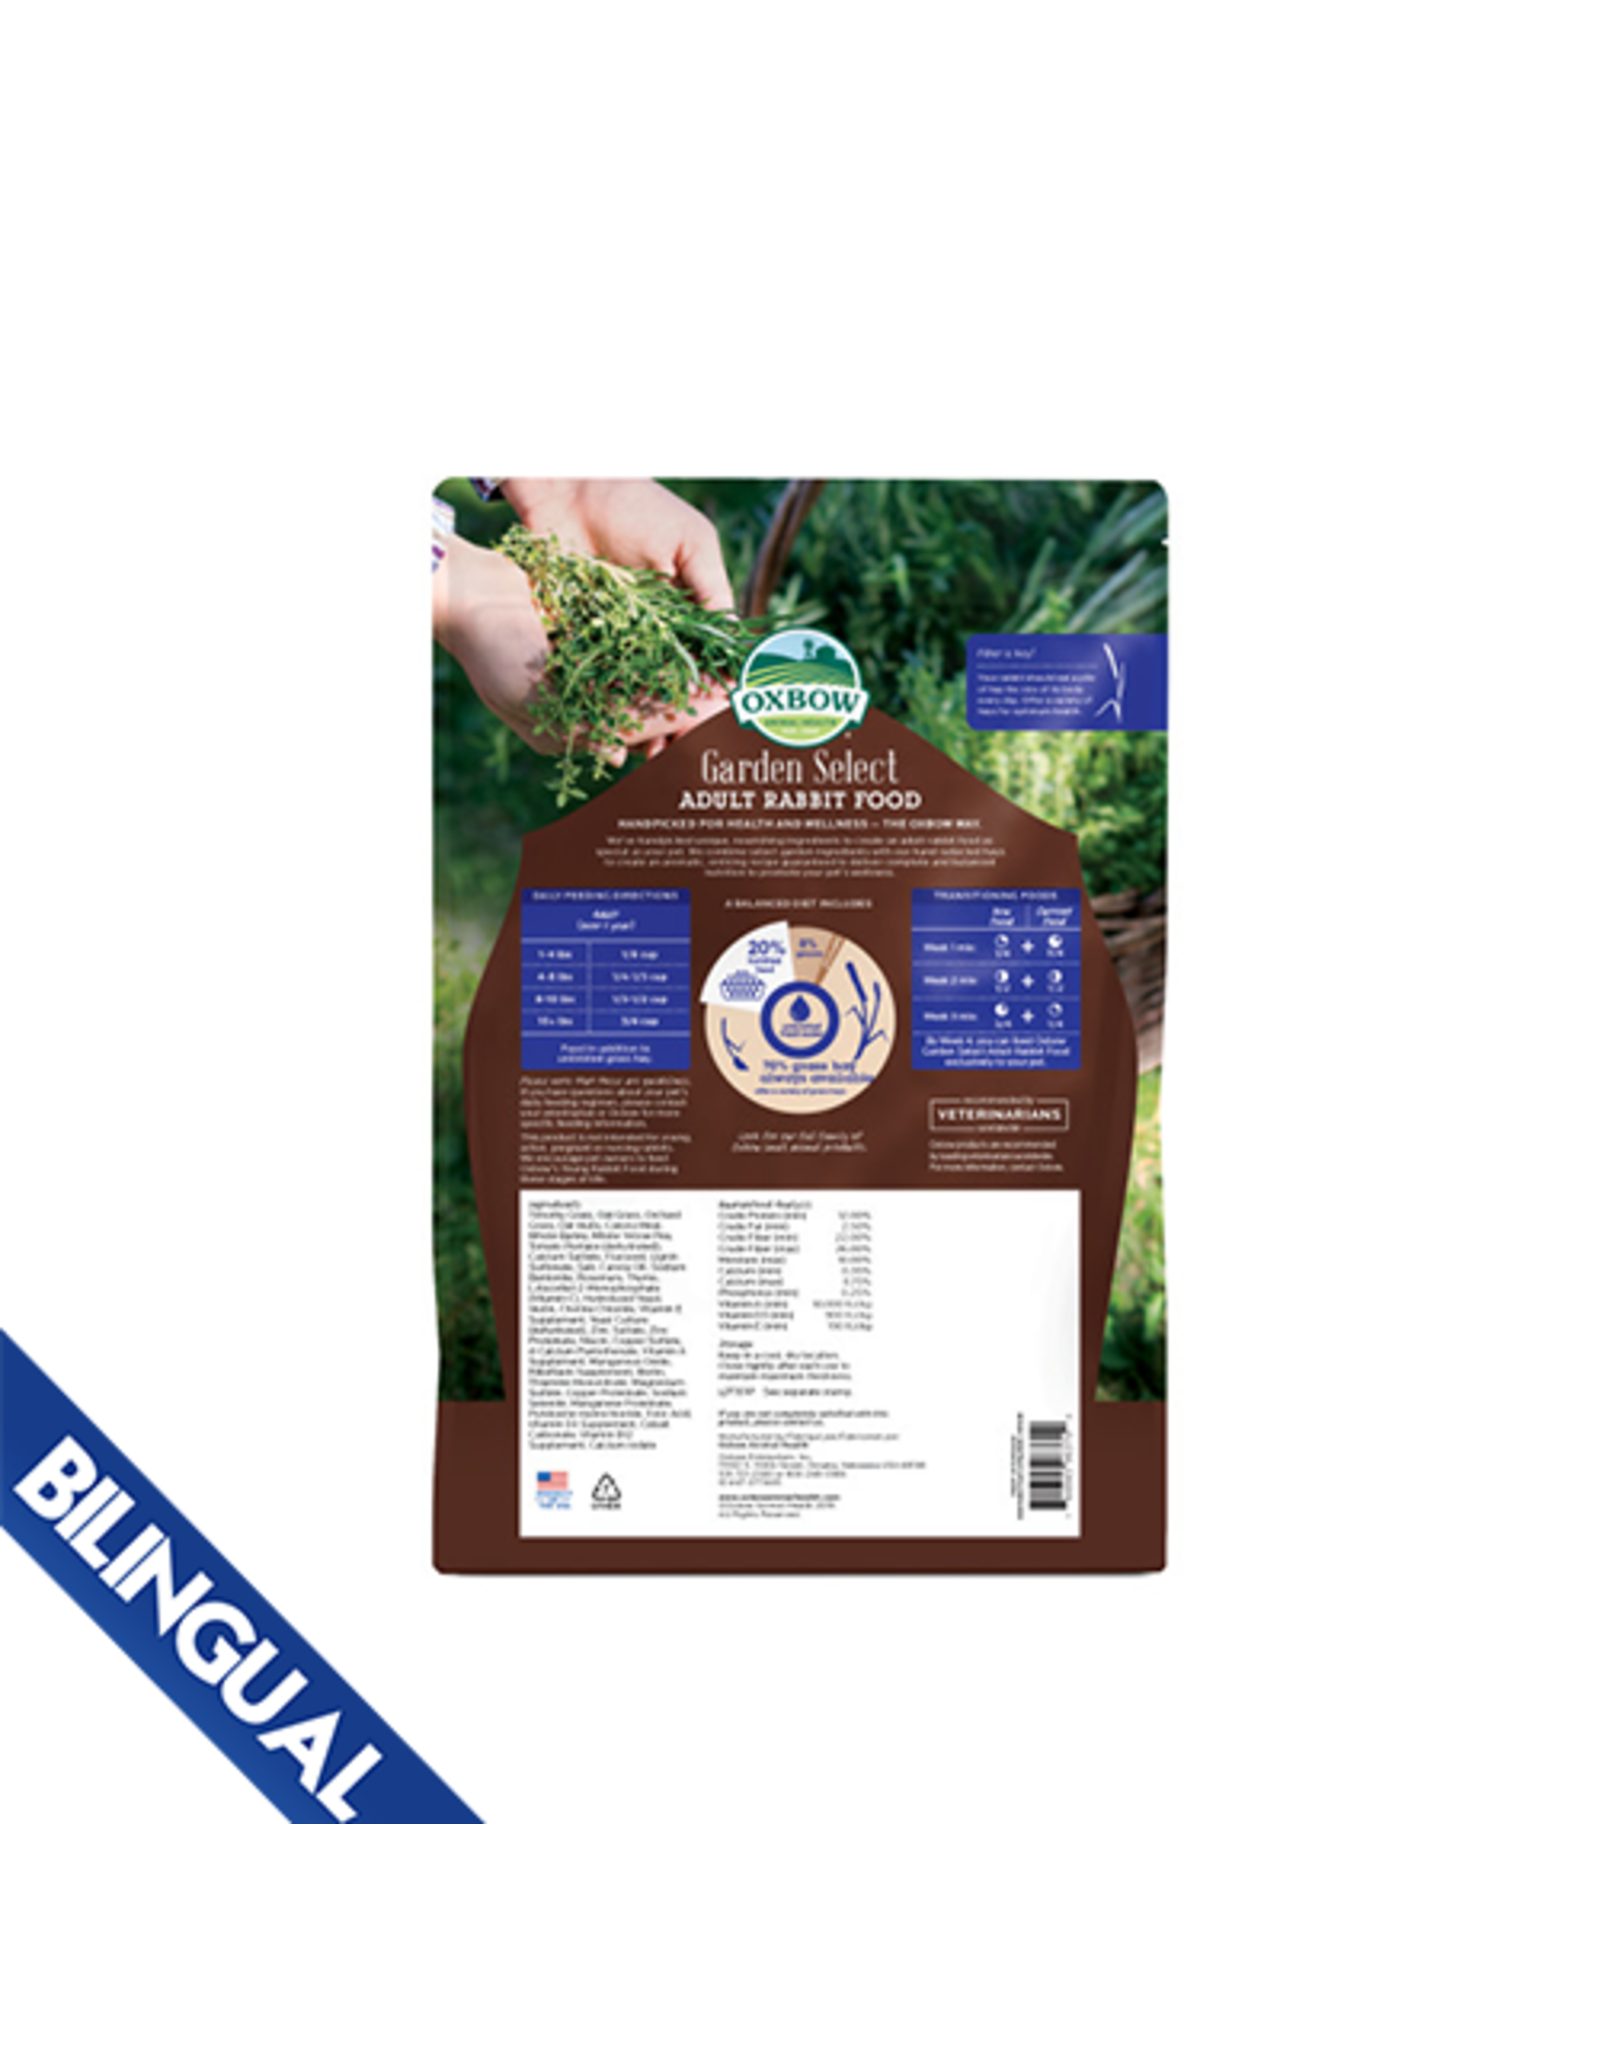 Oxbow Oxbow Garden Select  Adult Rabbit Food